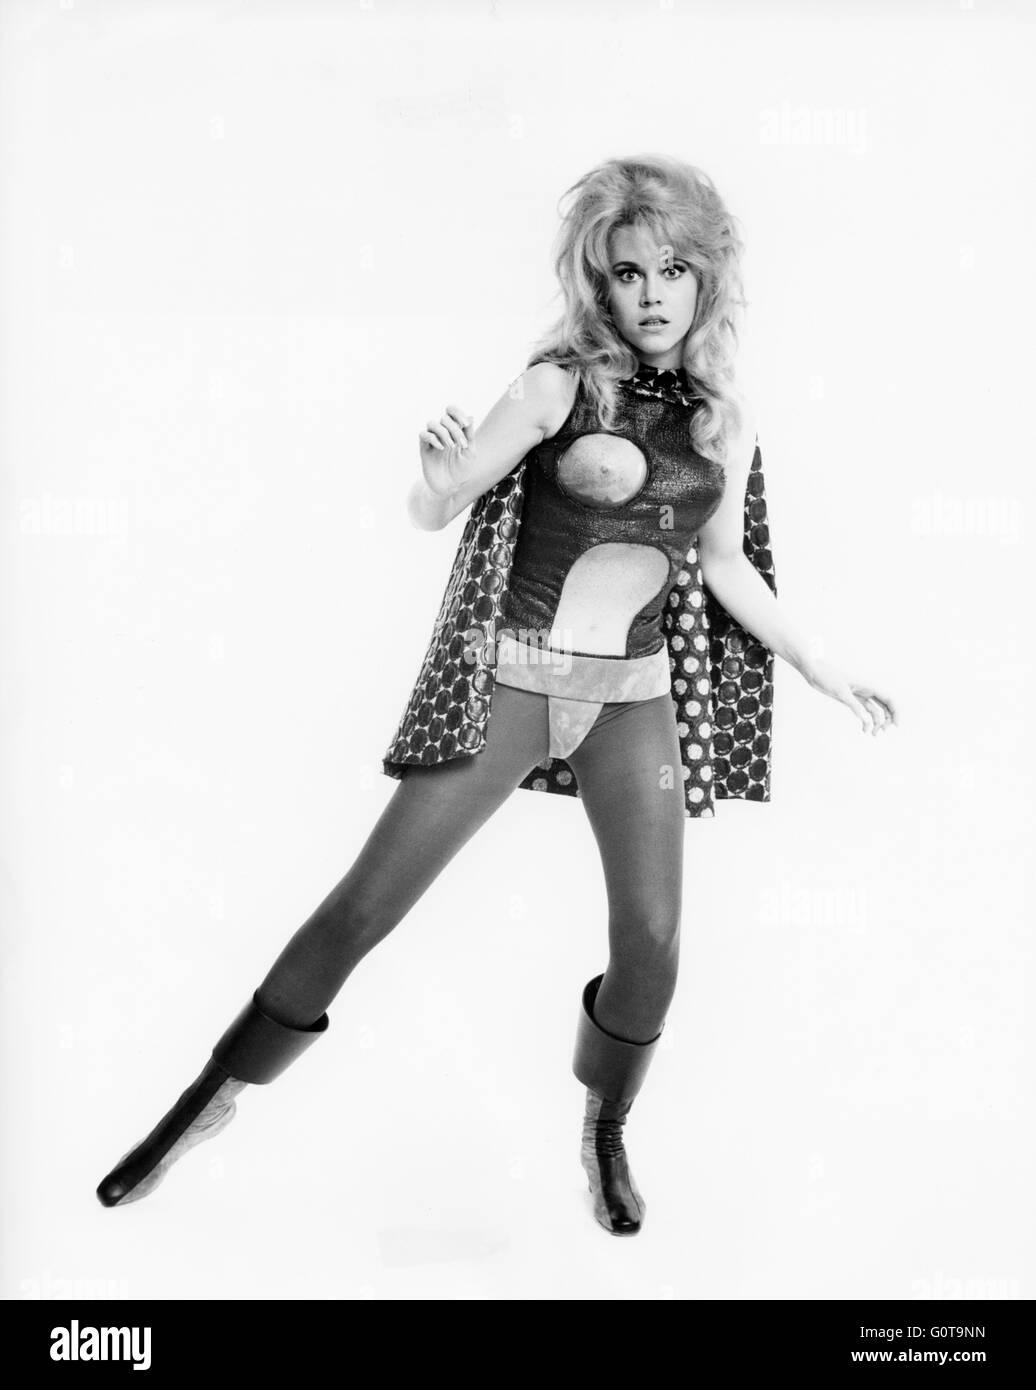 Jane Fonda / Barbarella / 1967 réalisé par Roger Vadim [Paramount Pictures] Banque D'Images